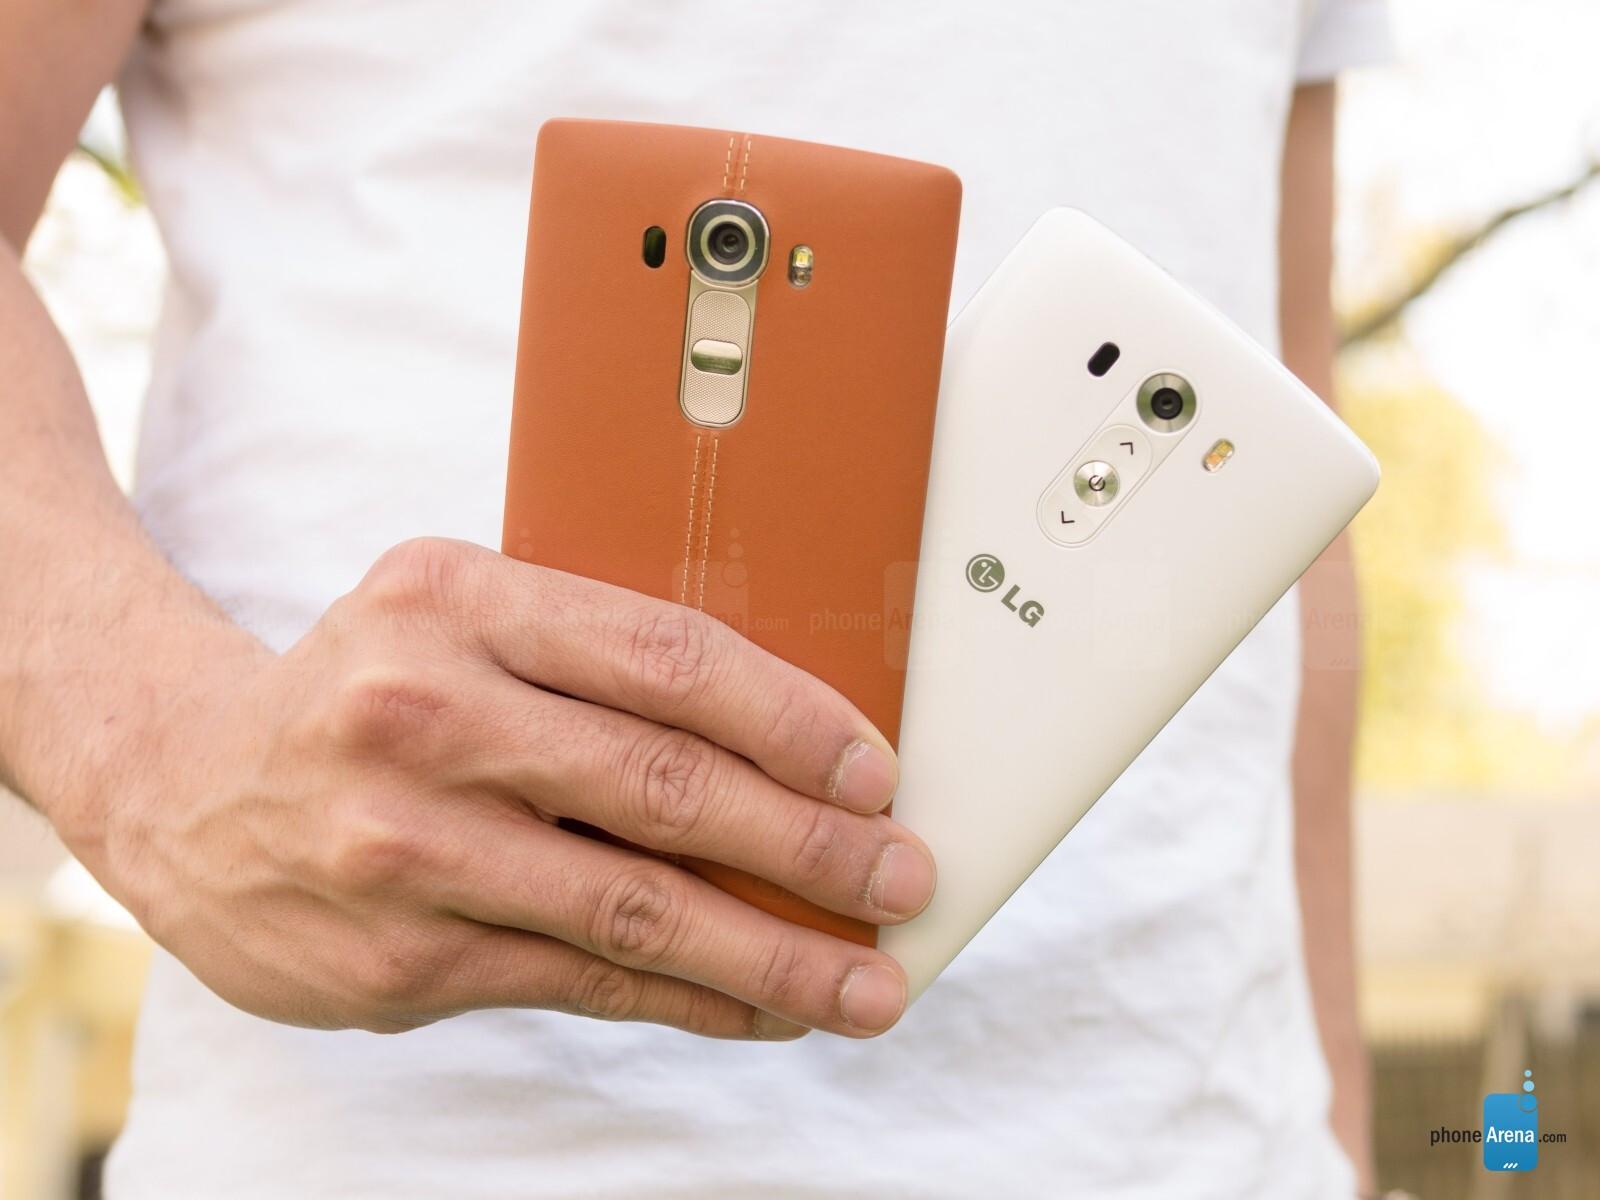 LG software updates schedule: LG G4, LG V10 Android 7 Nougat